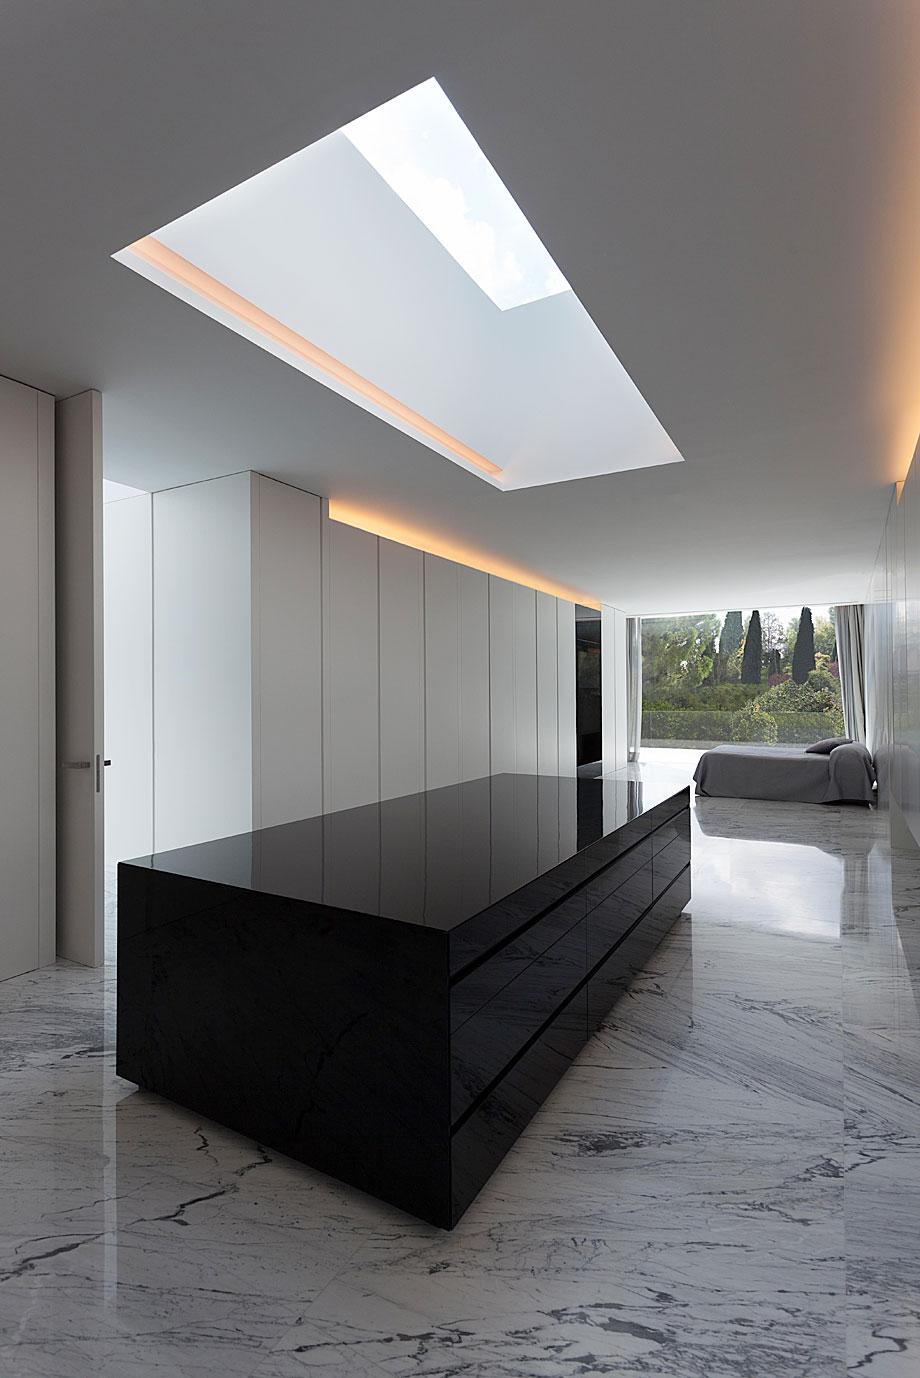 casa-aluminio-fran-silvestre-arquitectos (13)